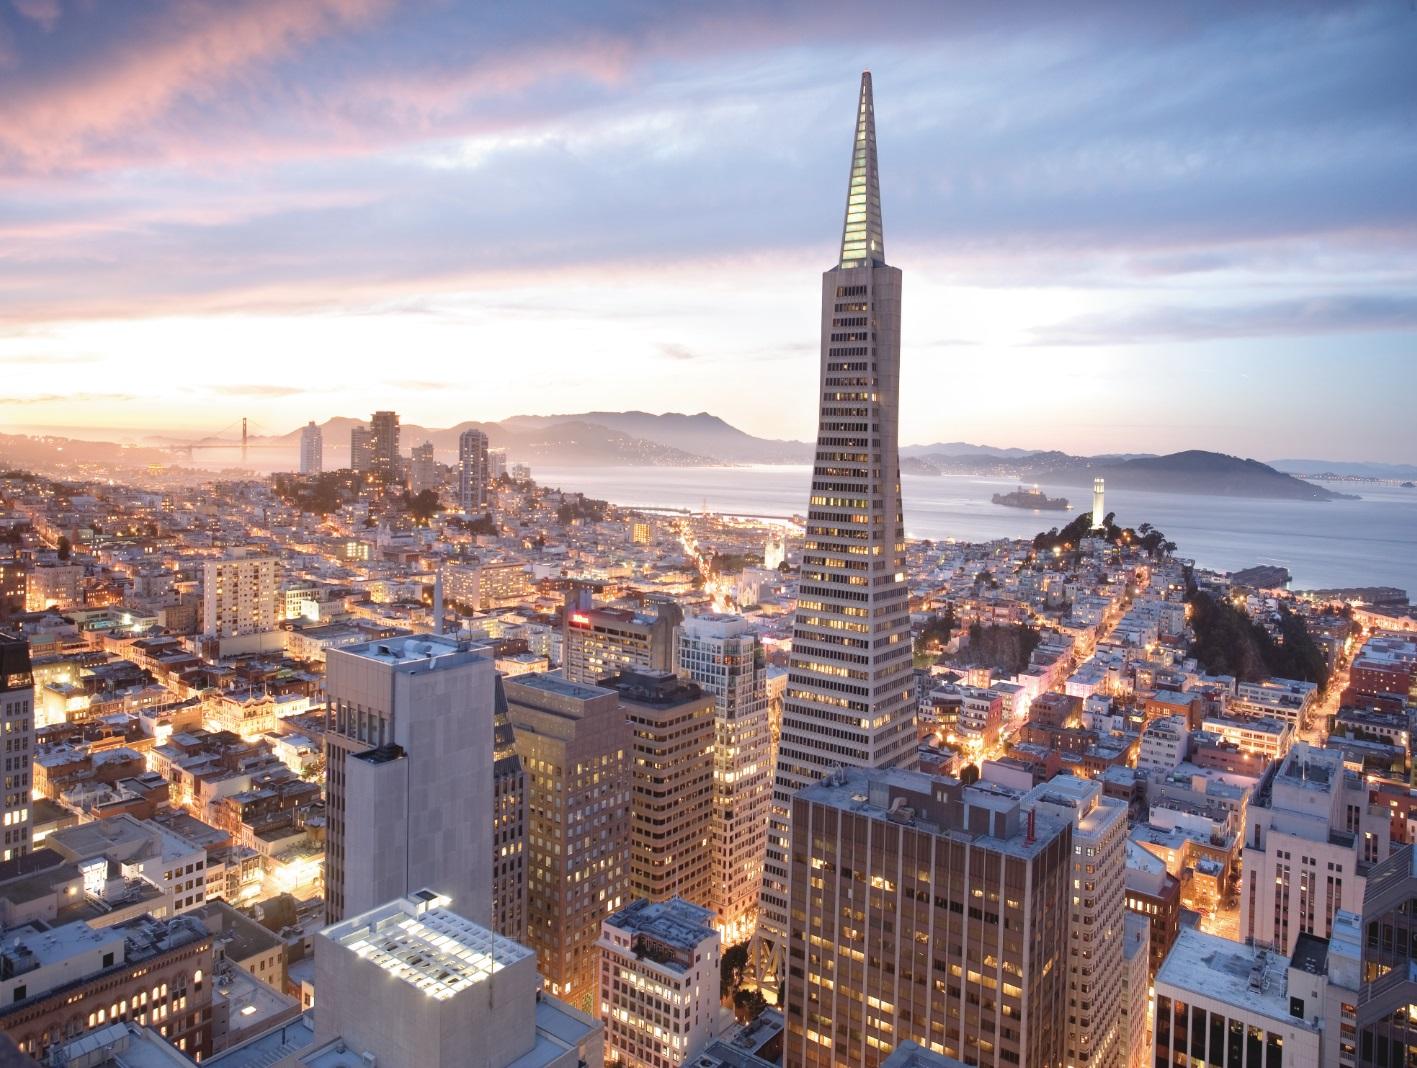 Hotels sue San Francisco over 'Healthy Buildings' ordinance